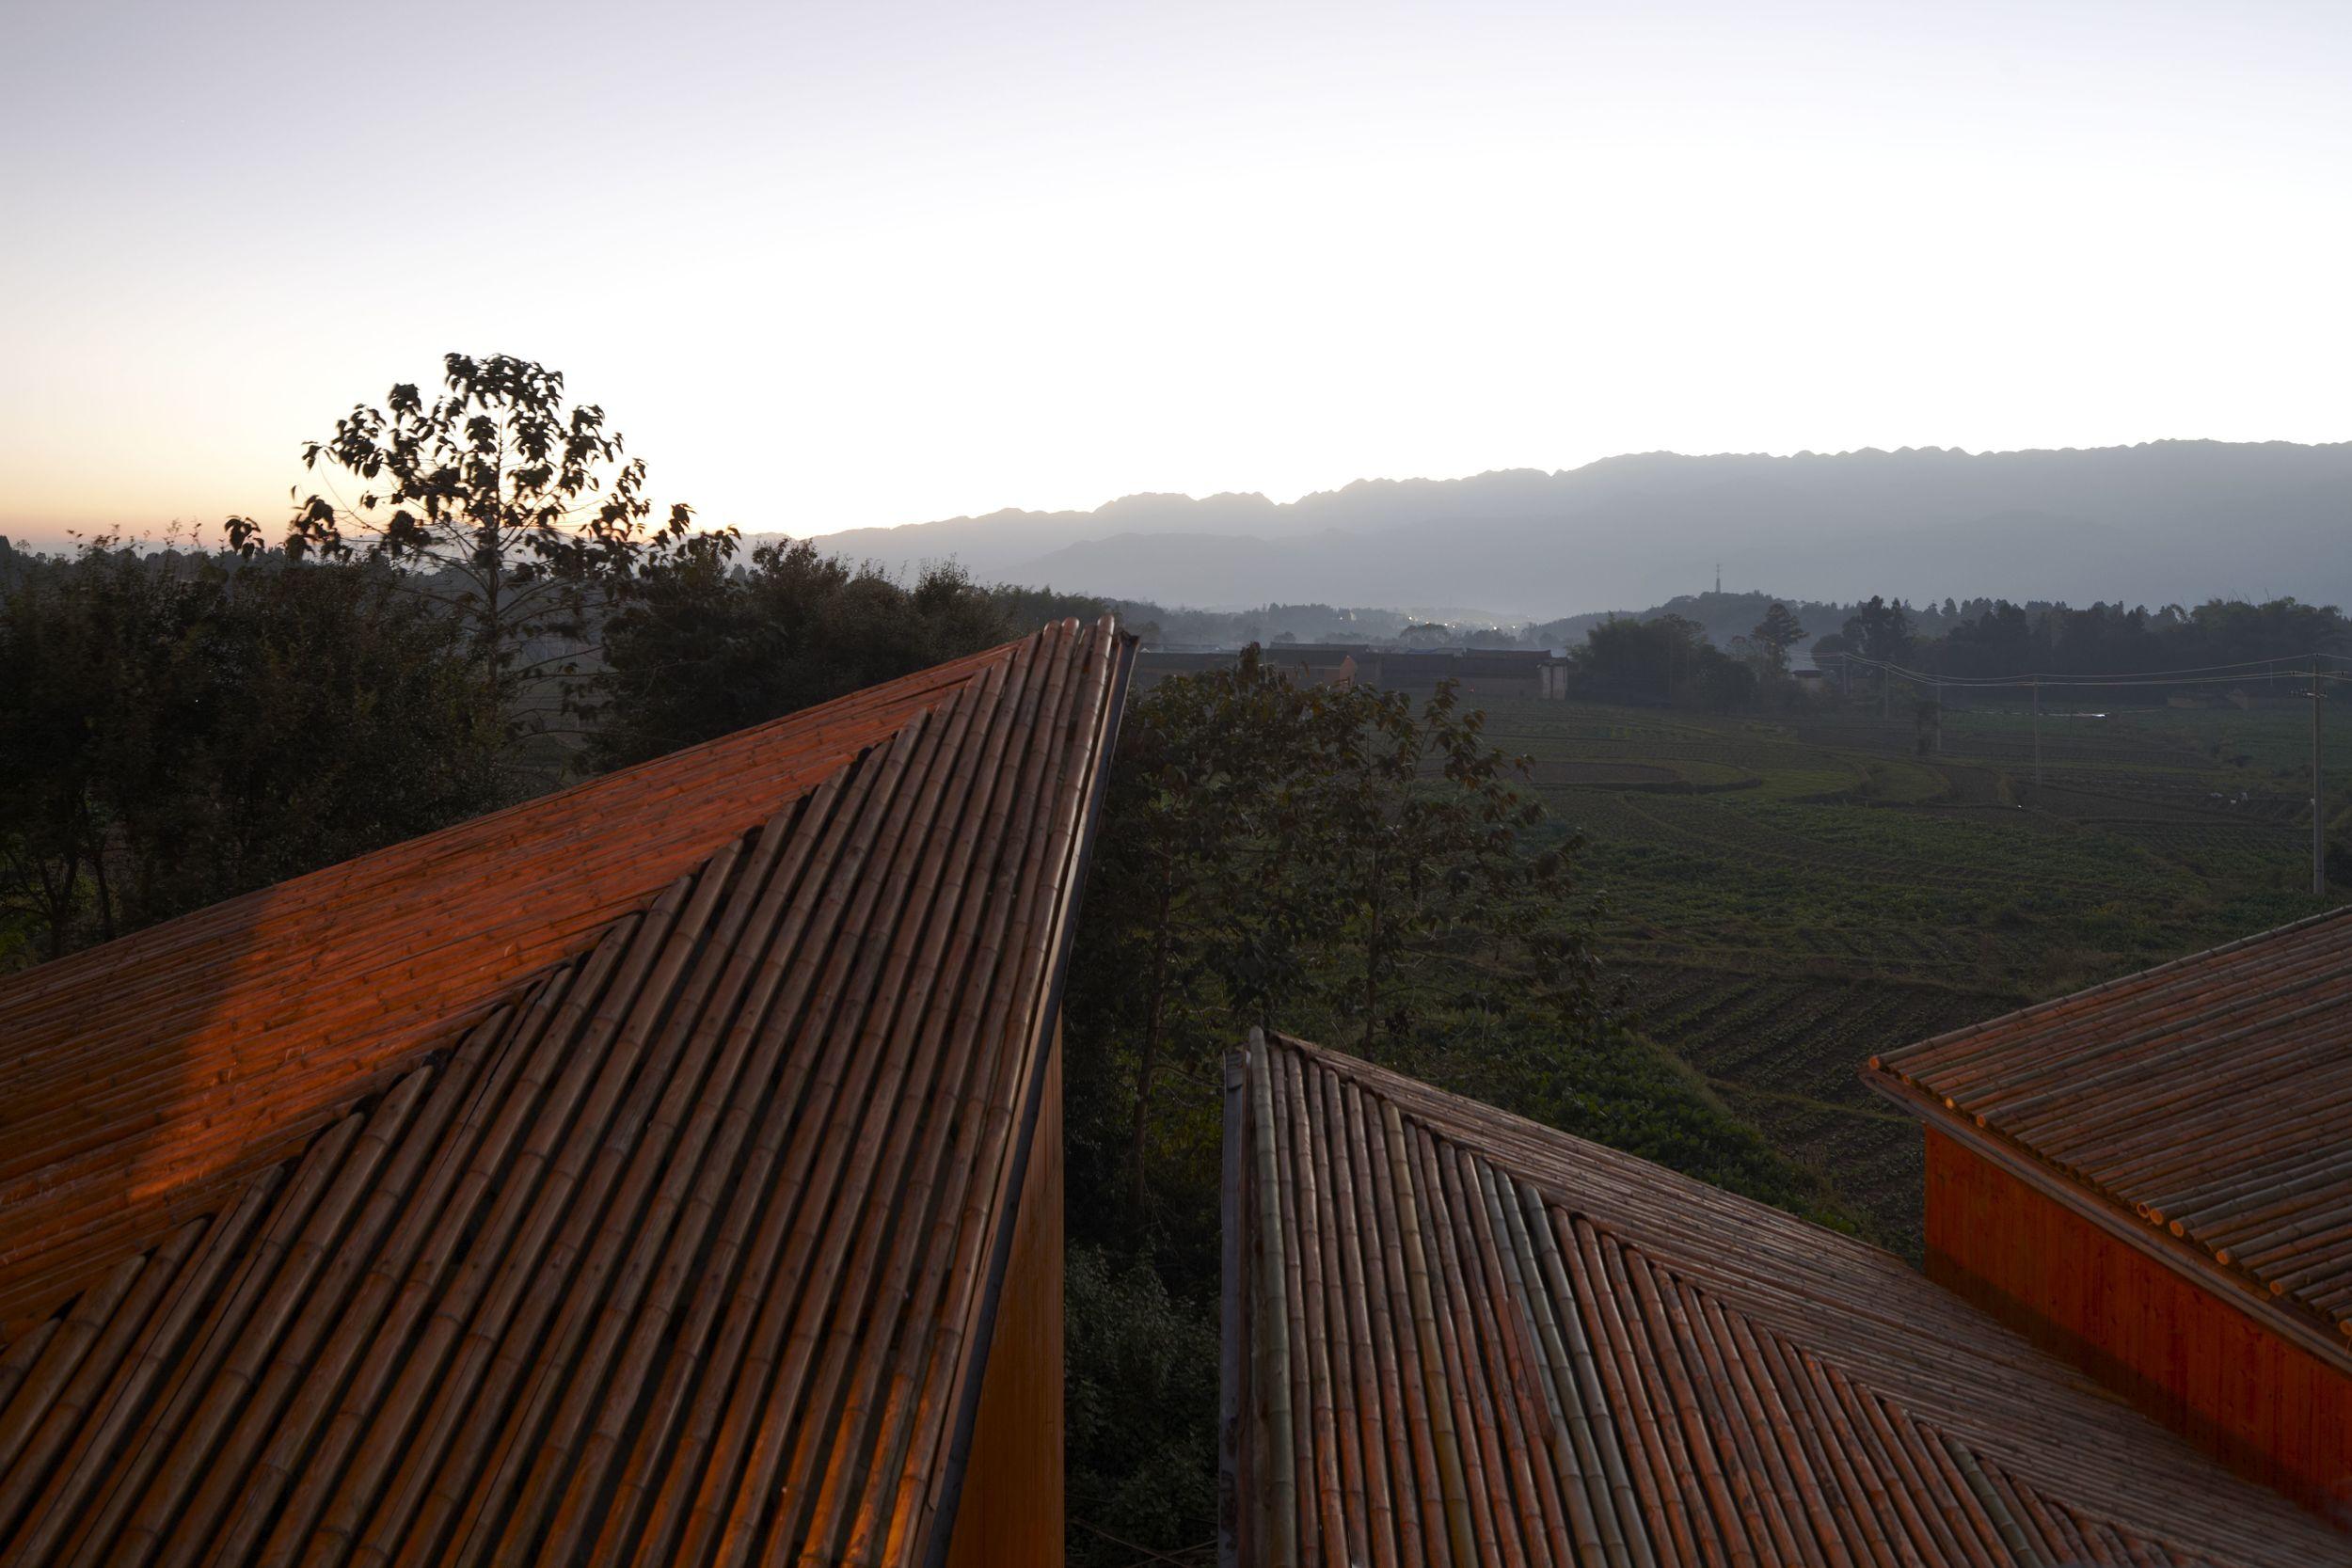 竹屋面 bamboo roof